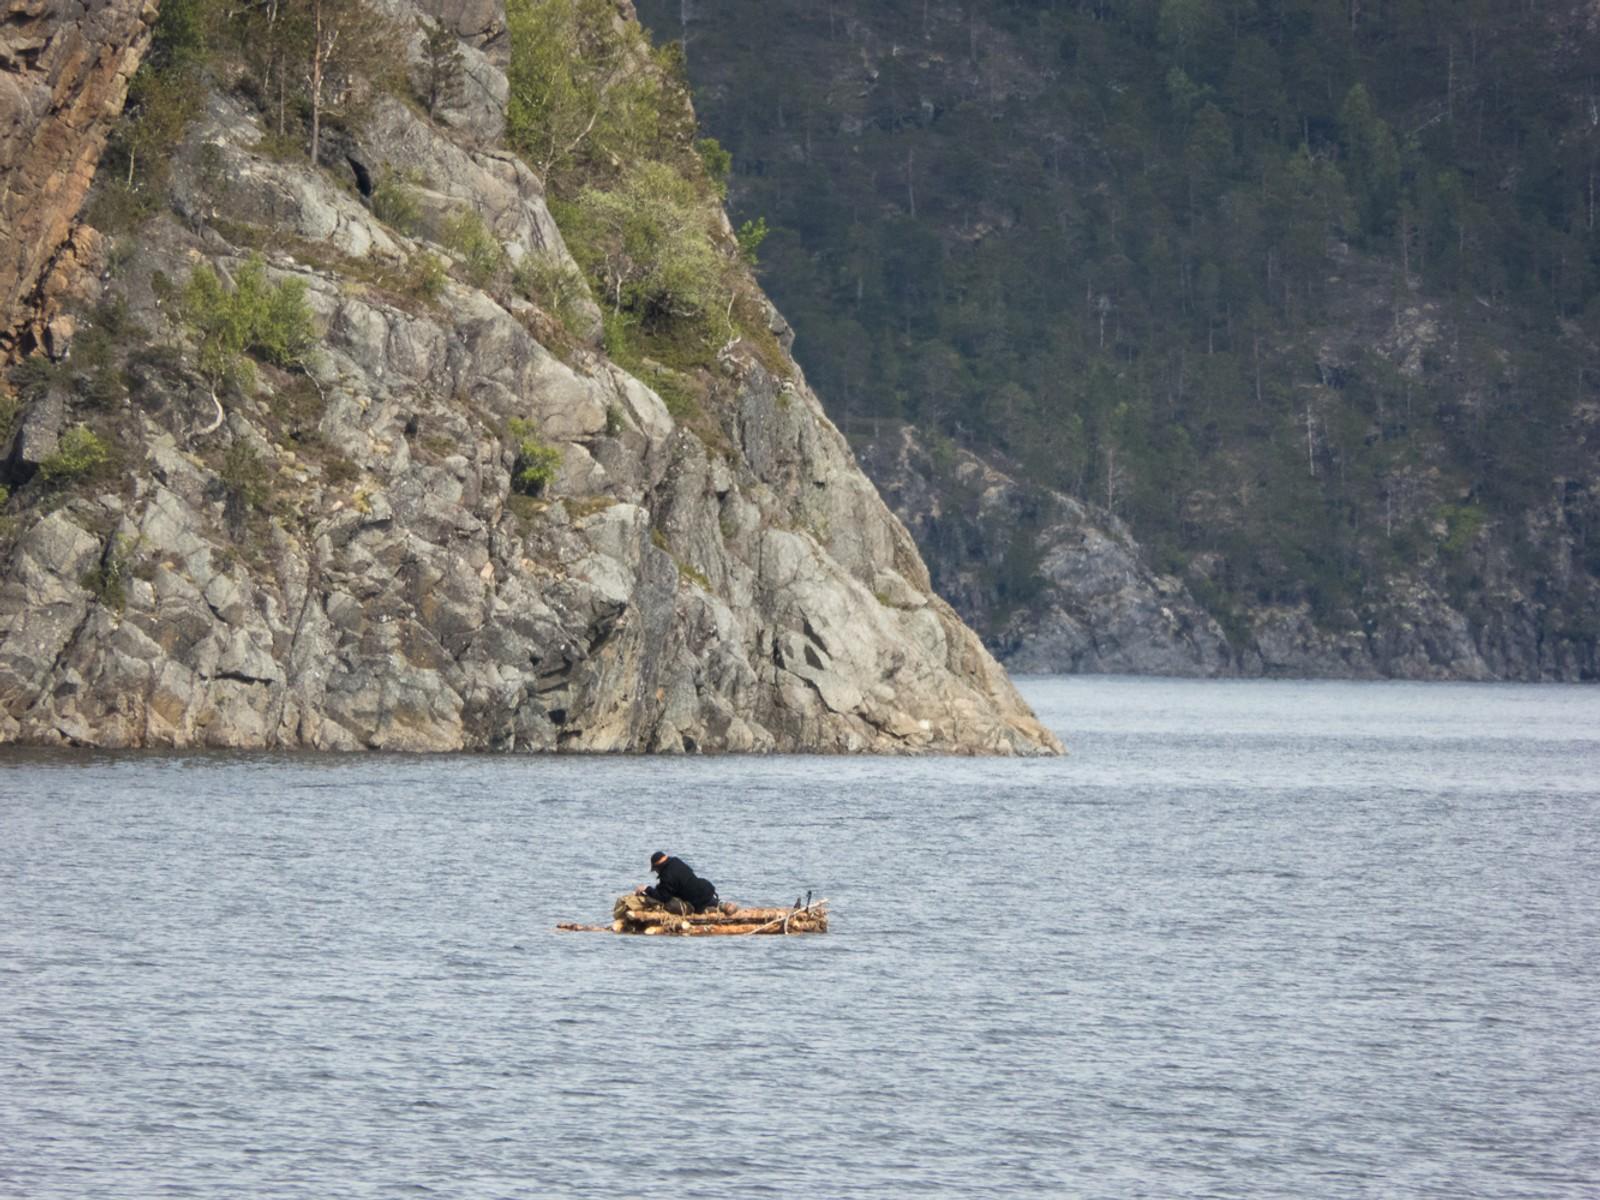 Salsvatnet ble en drøy affære. Monsen padlet i 20 timer for å tilbakelegge de ti kilometerne han la bak seg på vannet.